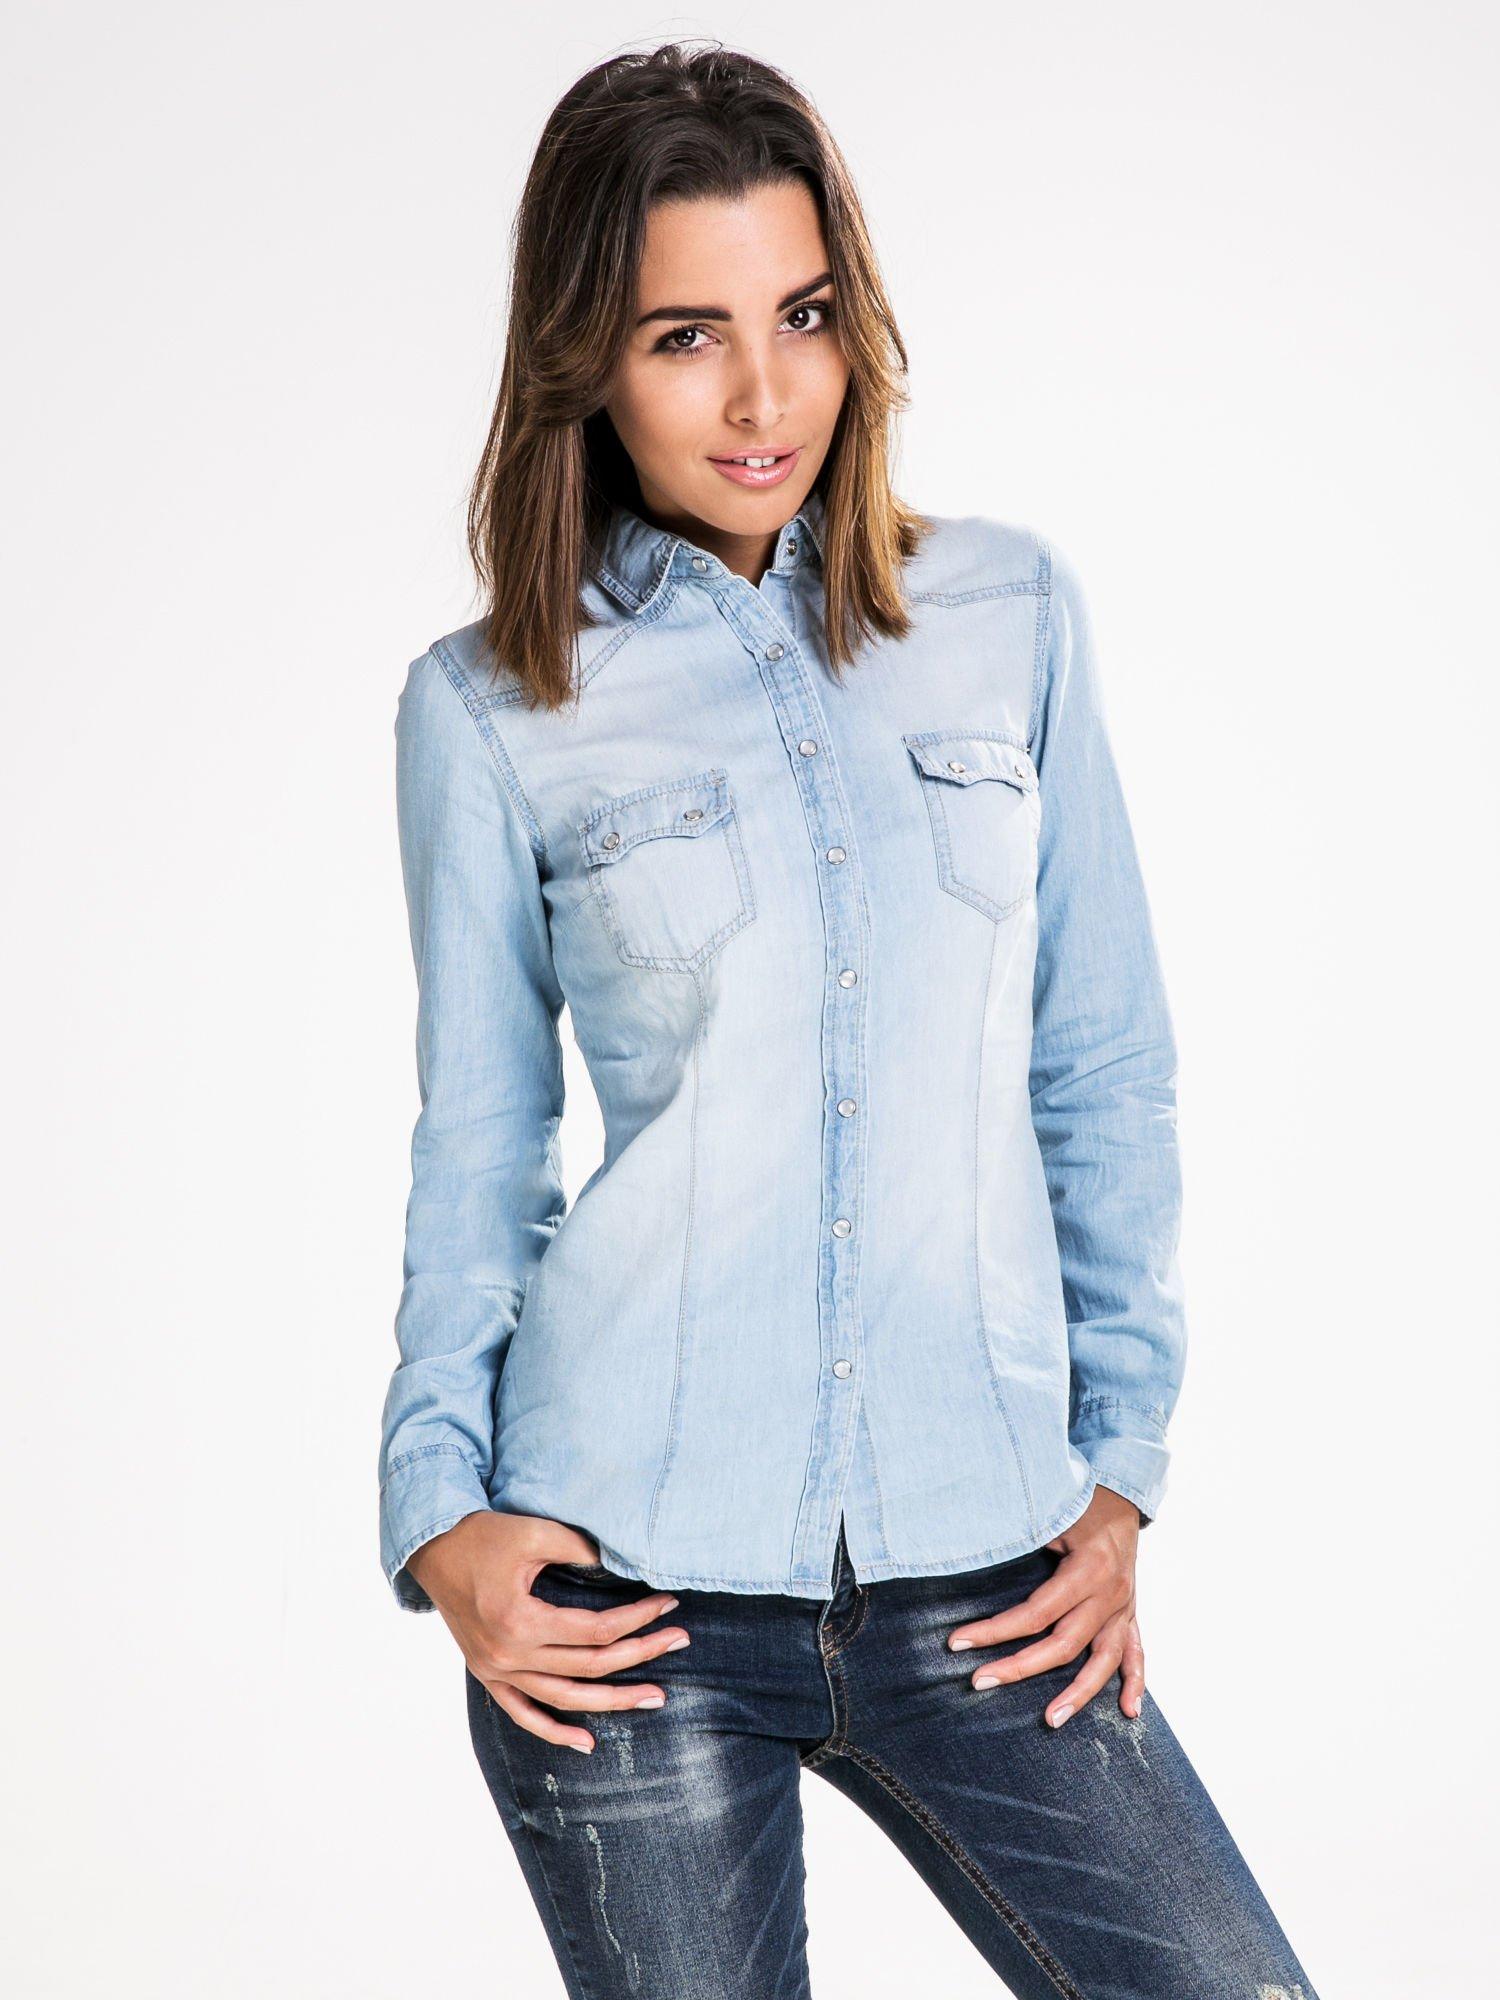 STRADIVARIUS Jeansowa koszula z kieszonkami                                  zdj.                                  1